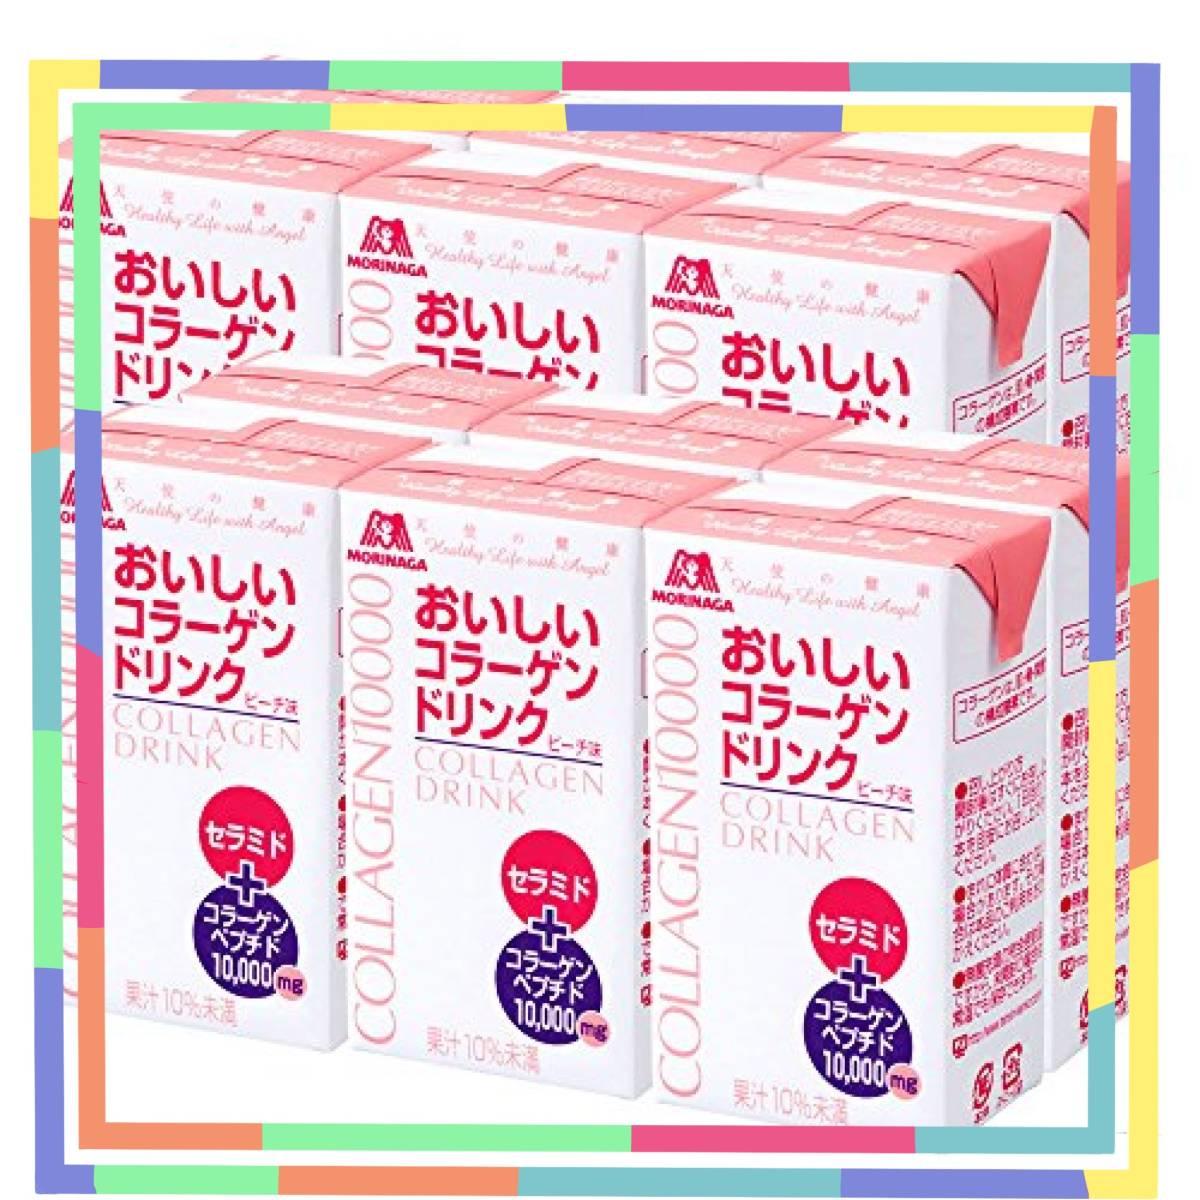 ★赤字覚悟★森永製菓 おいしいコラーゲンドリンク 125ml×12本 ピーチ味 [ 美容 コラーゲン セラミド ビタ_画像1